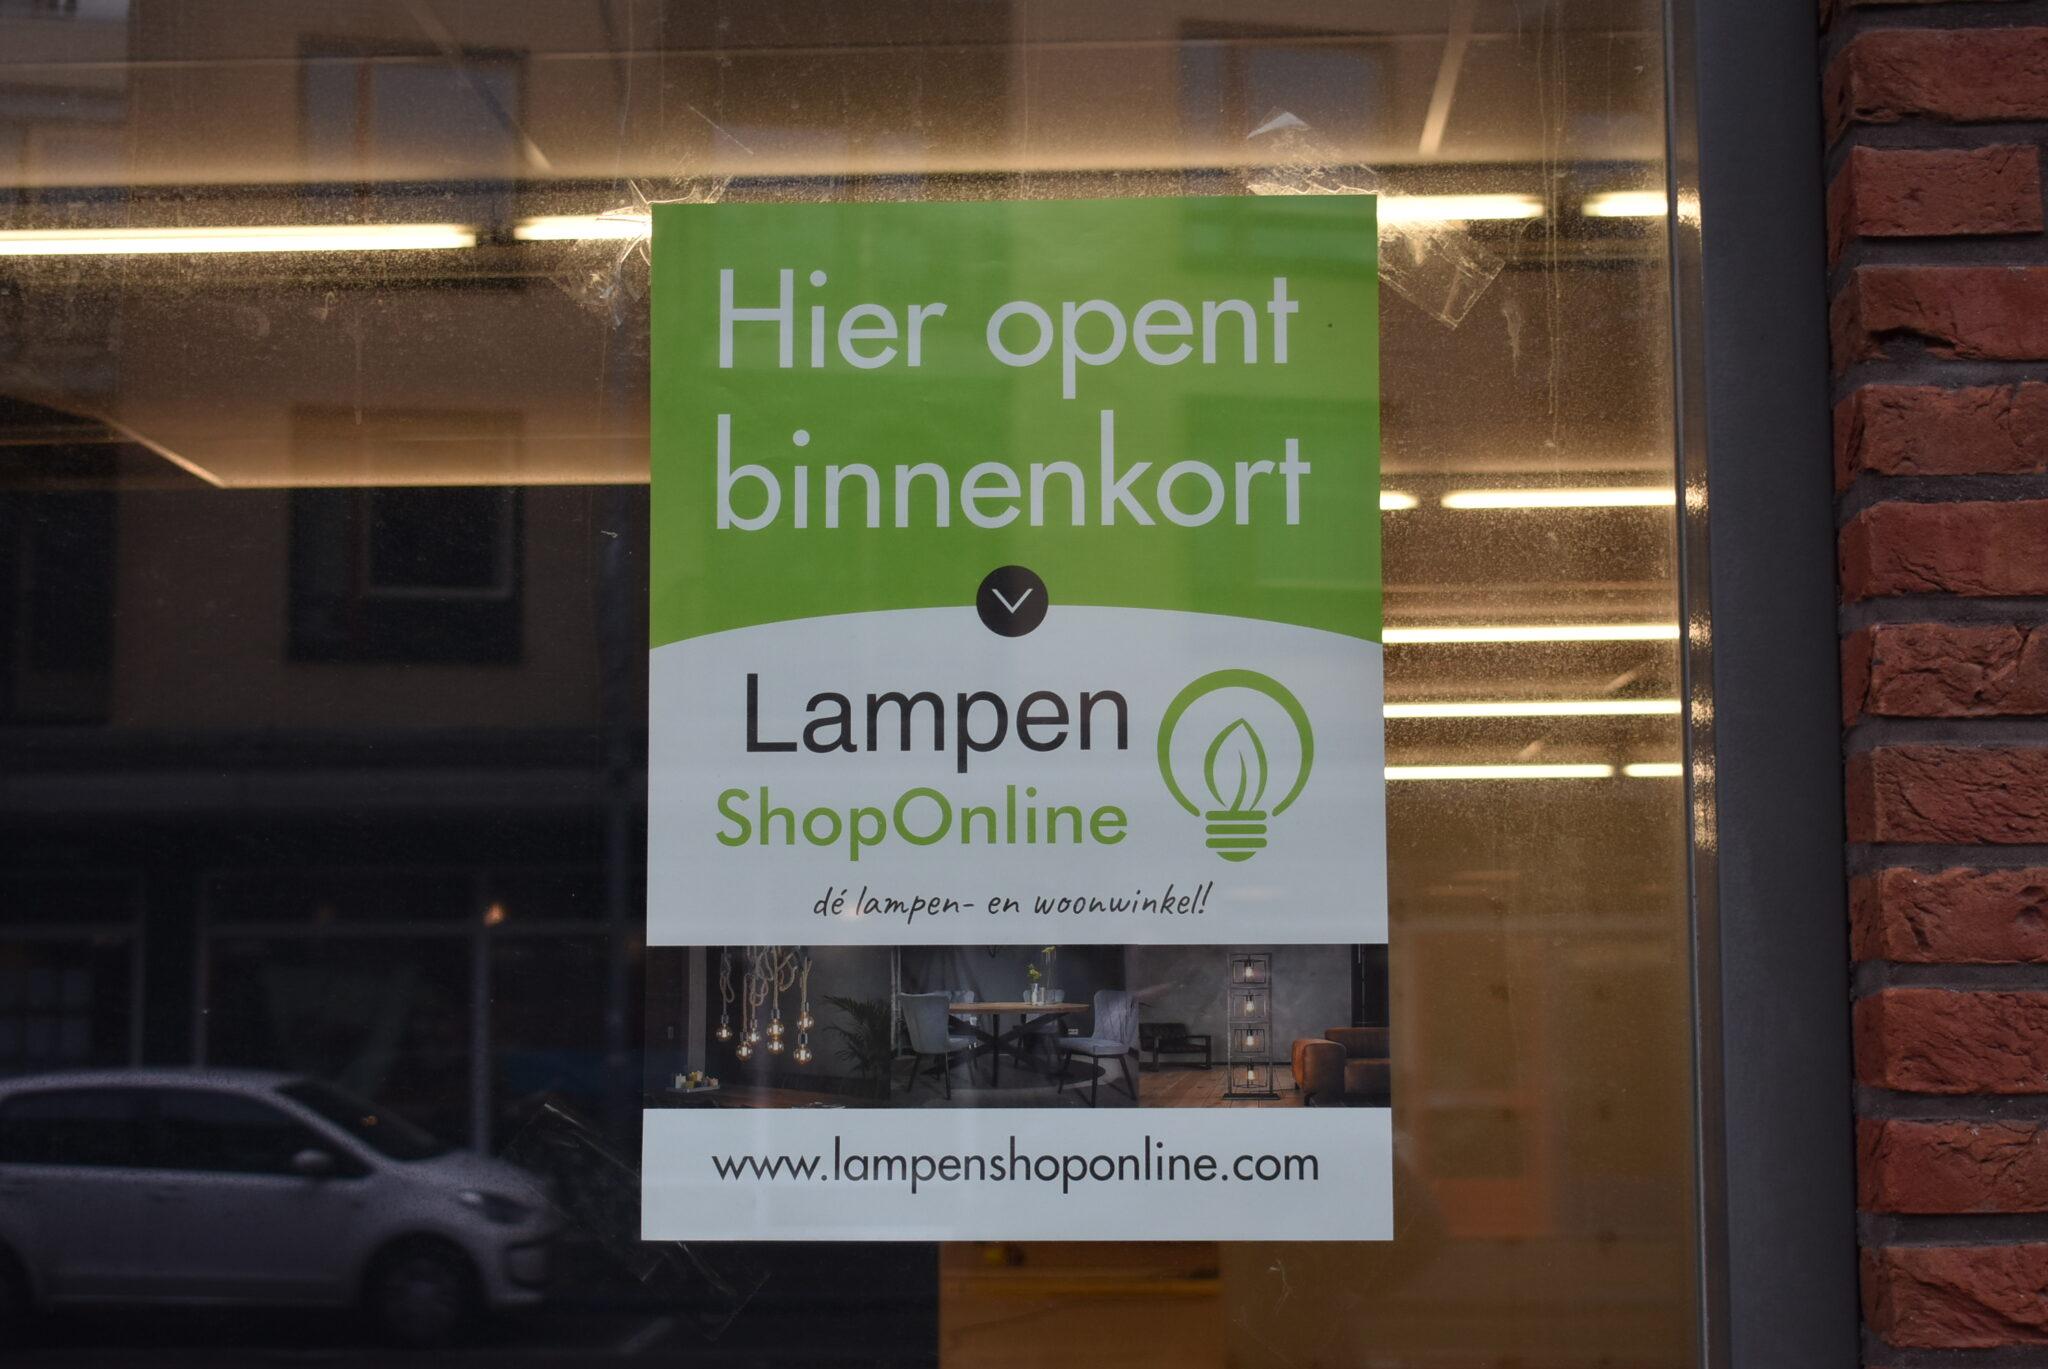 LampenShopOnline in Harderwijk